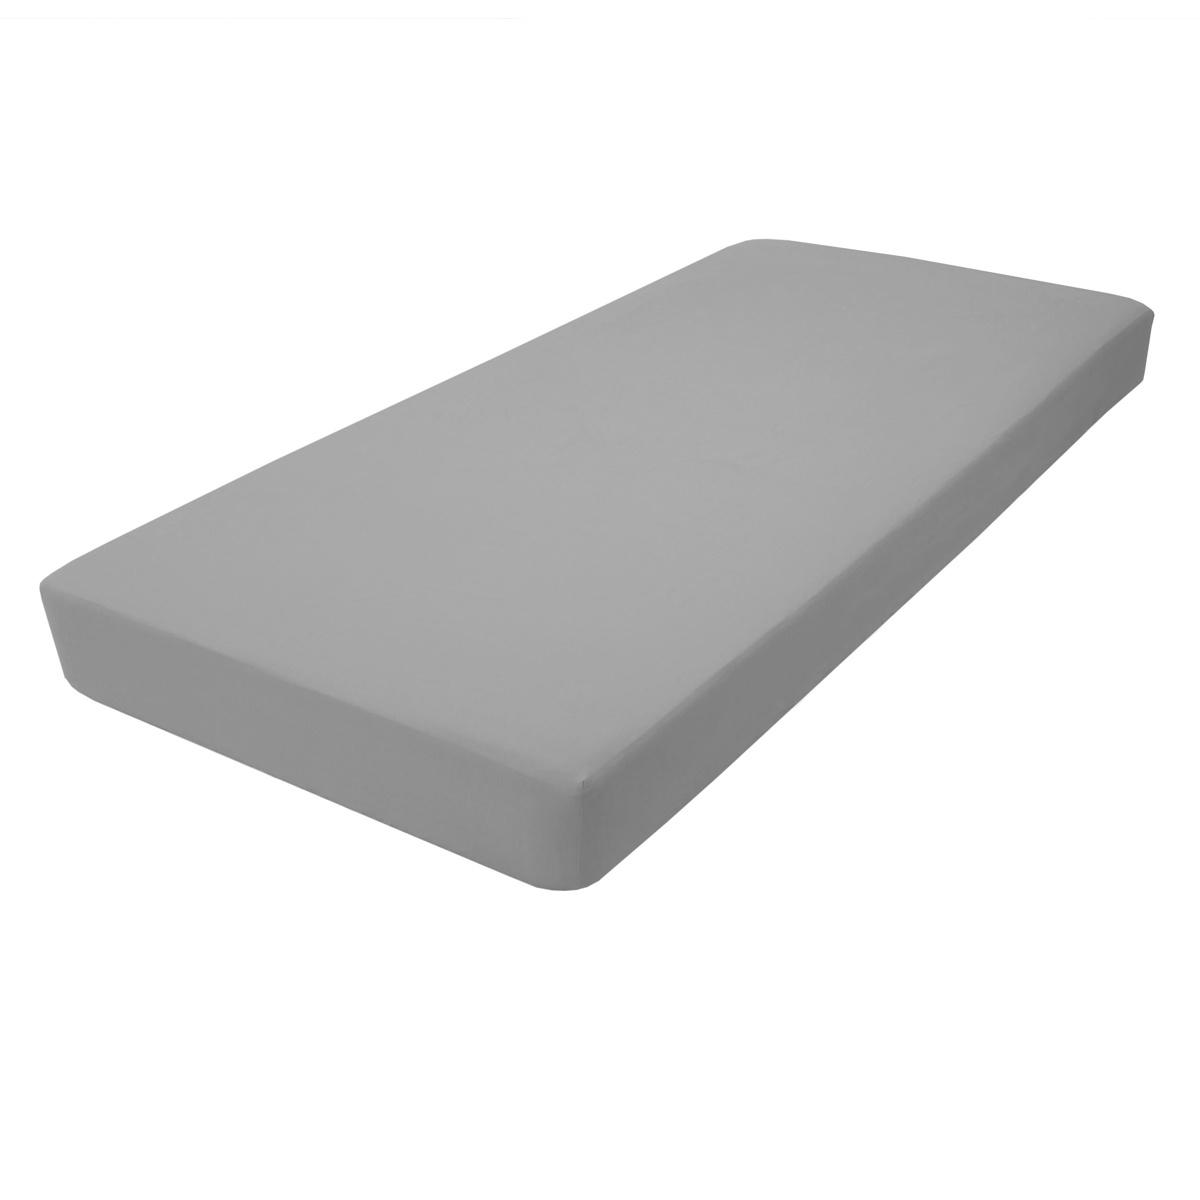 матрасы Простыня LIMETIME Sateen Comfort, темно-серый